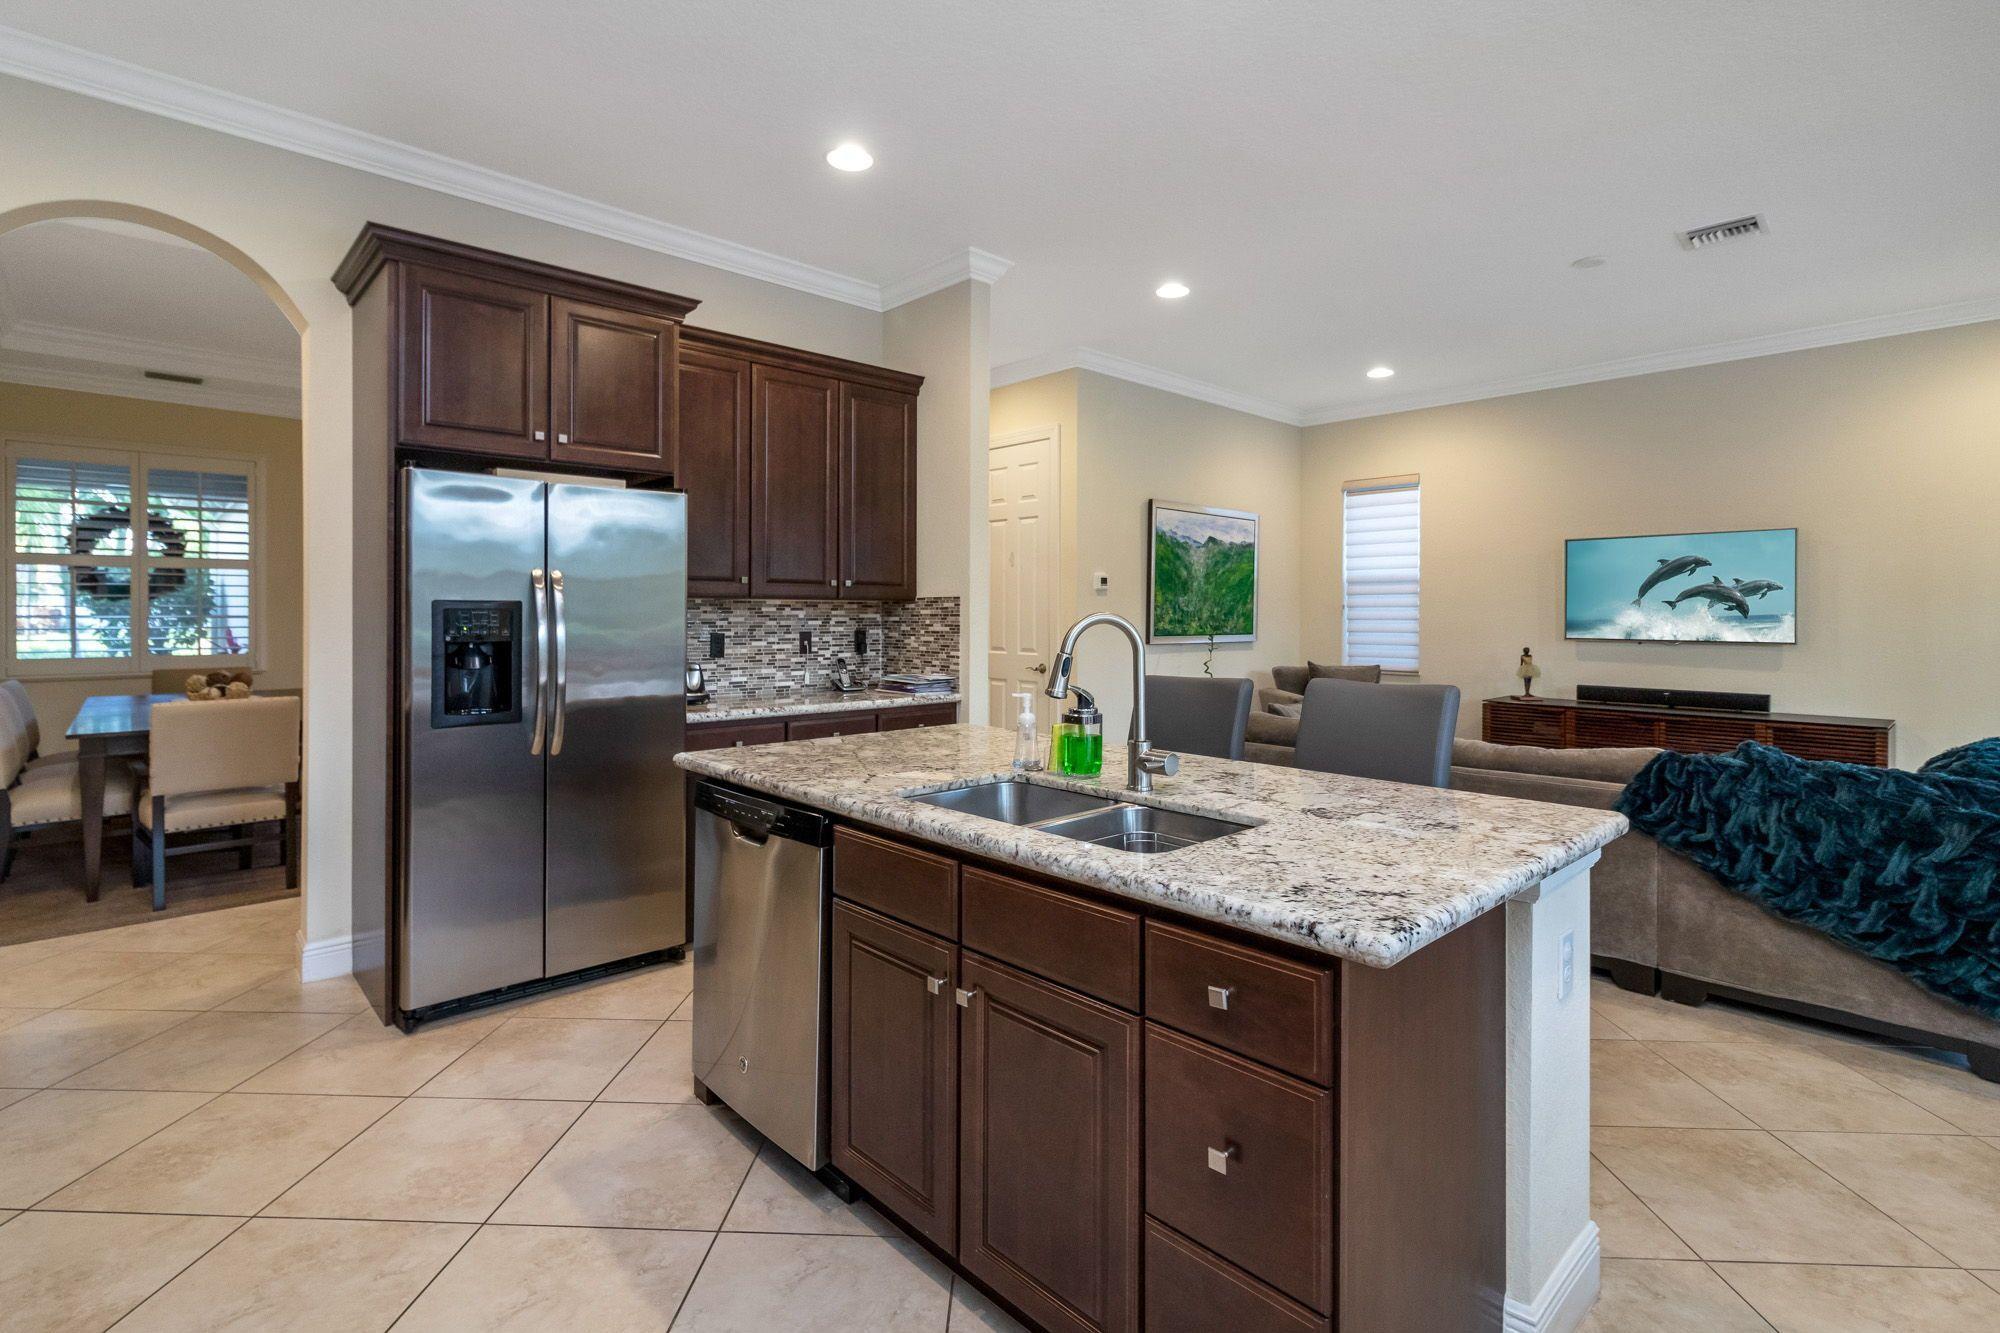 5de7096a9c05d3269a69fb10c4d40c8f - Rooms For Rent Palm Beach Gardens Fl